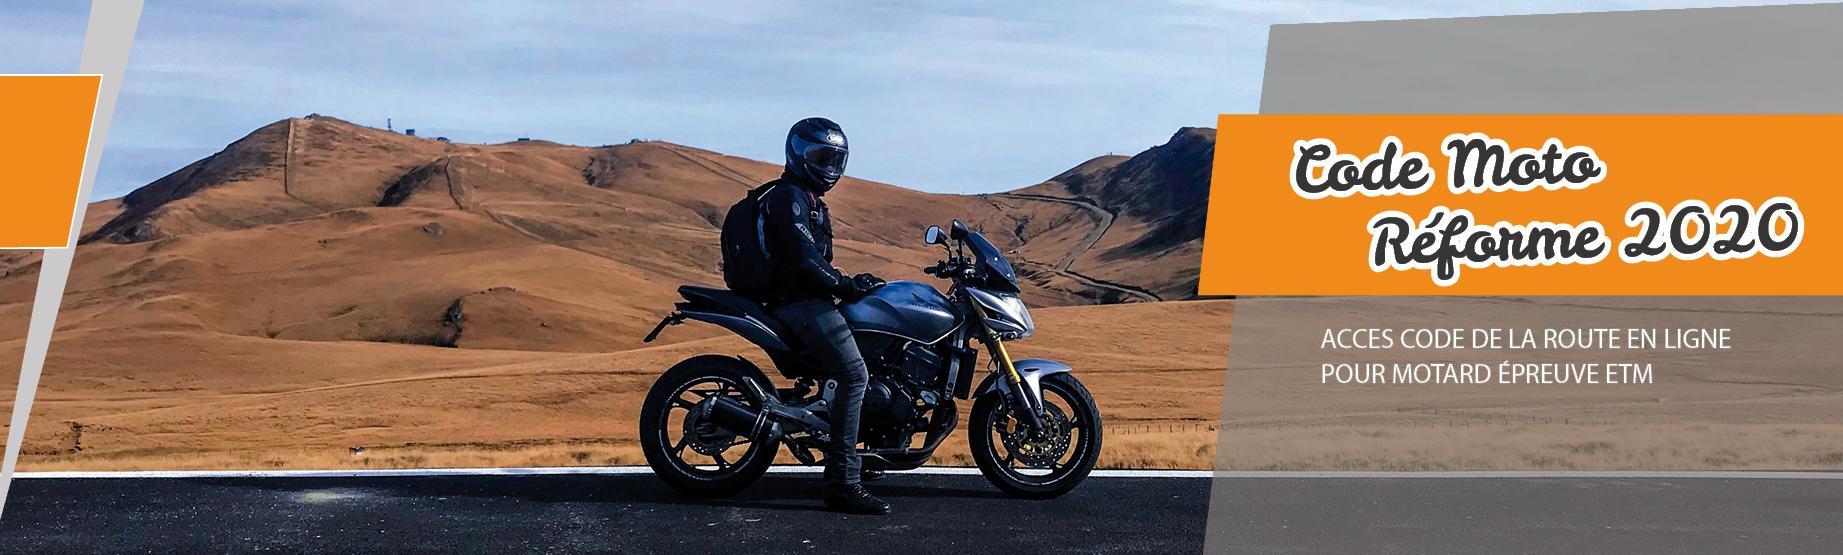 Code de la route moto ETM 2020